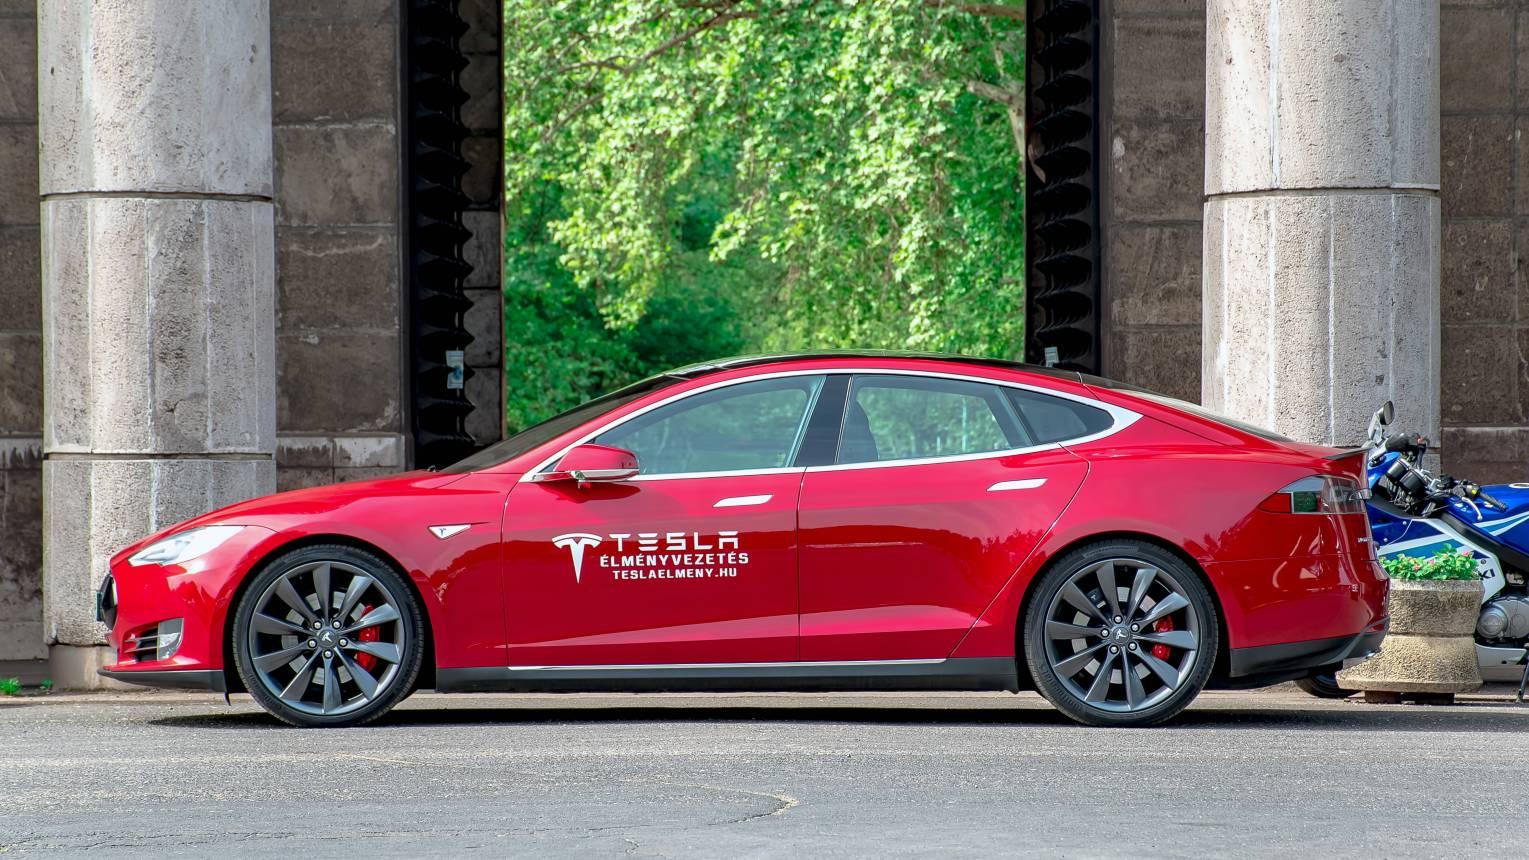 Tesla vezetés céges csapatnak